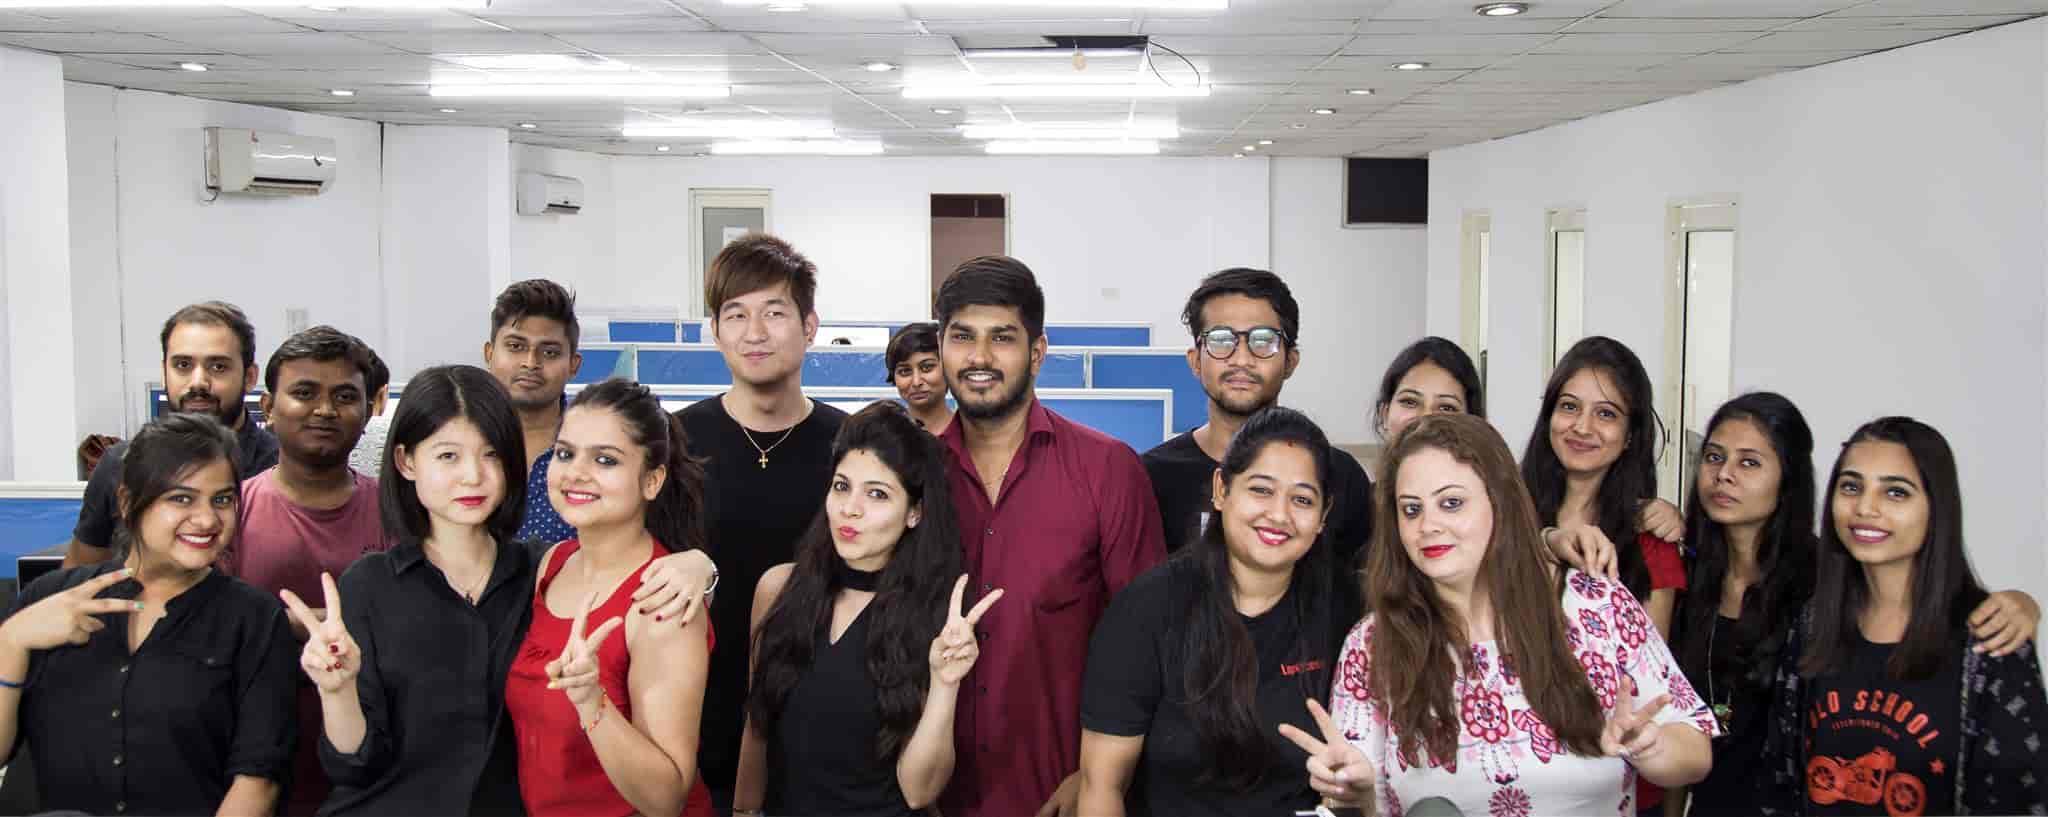 Lopscoop, Noida Sector 2 - Website Content Writers in Noida, Delhi